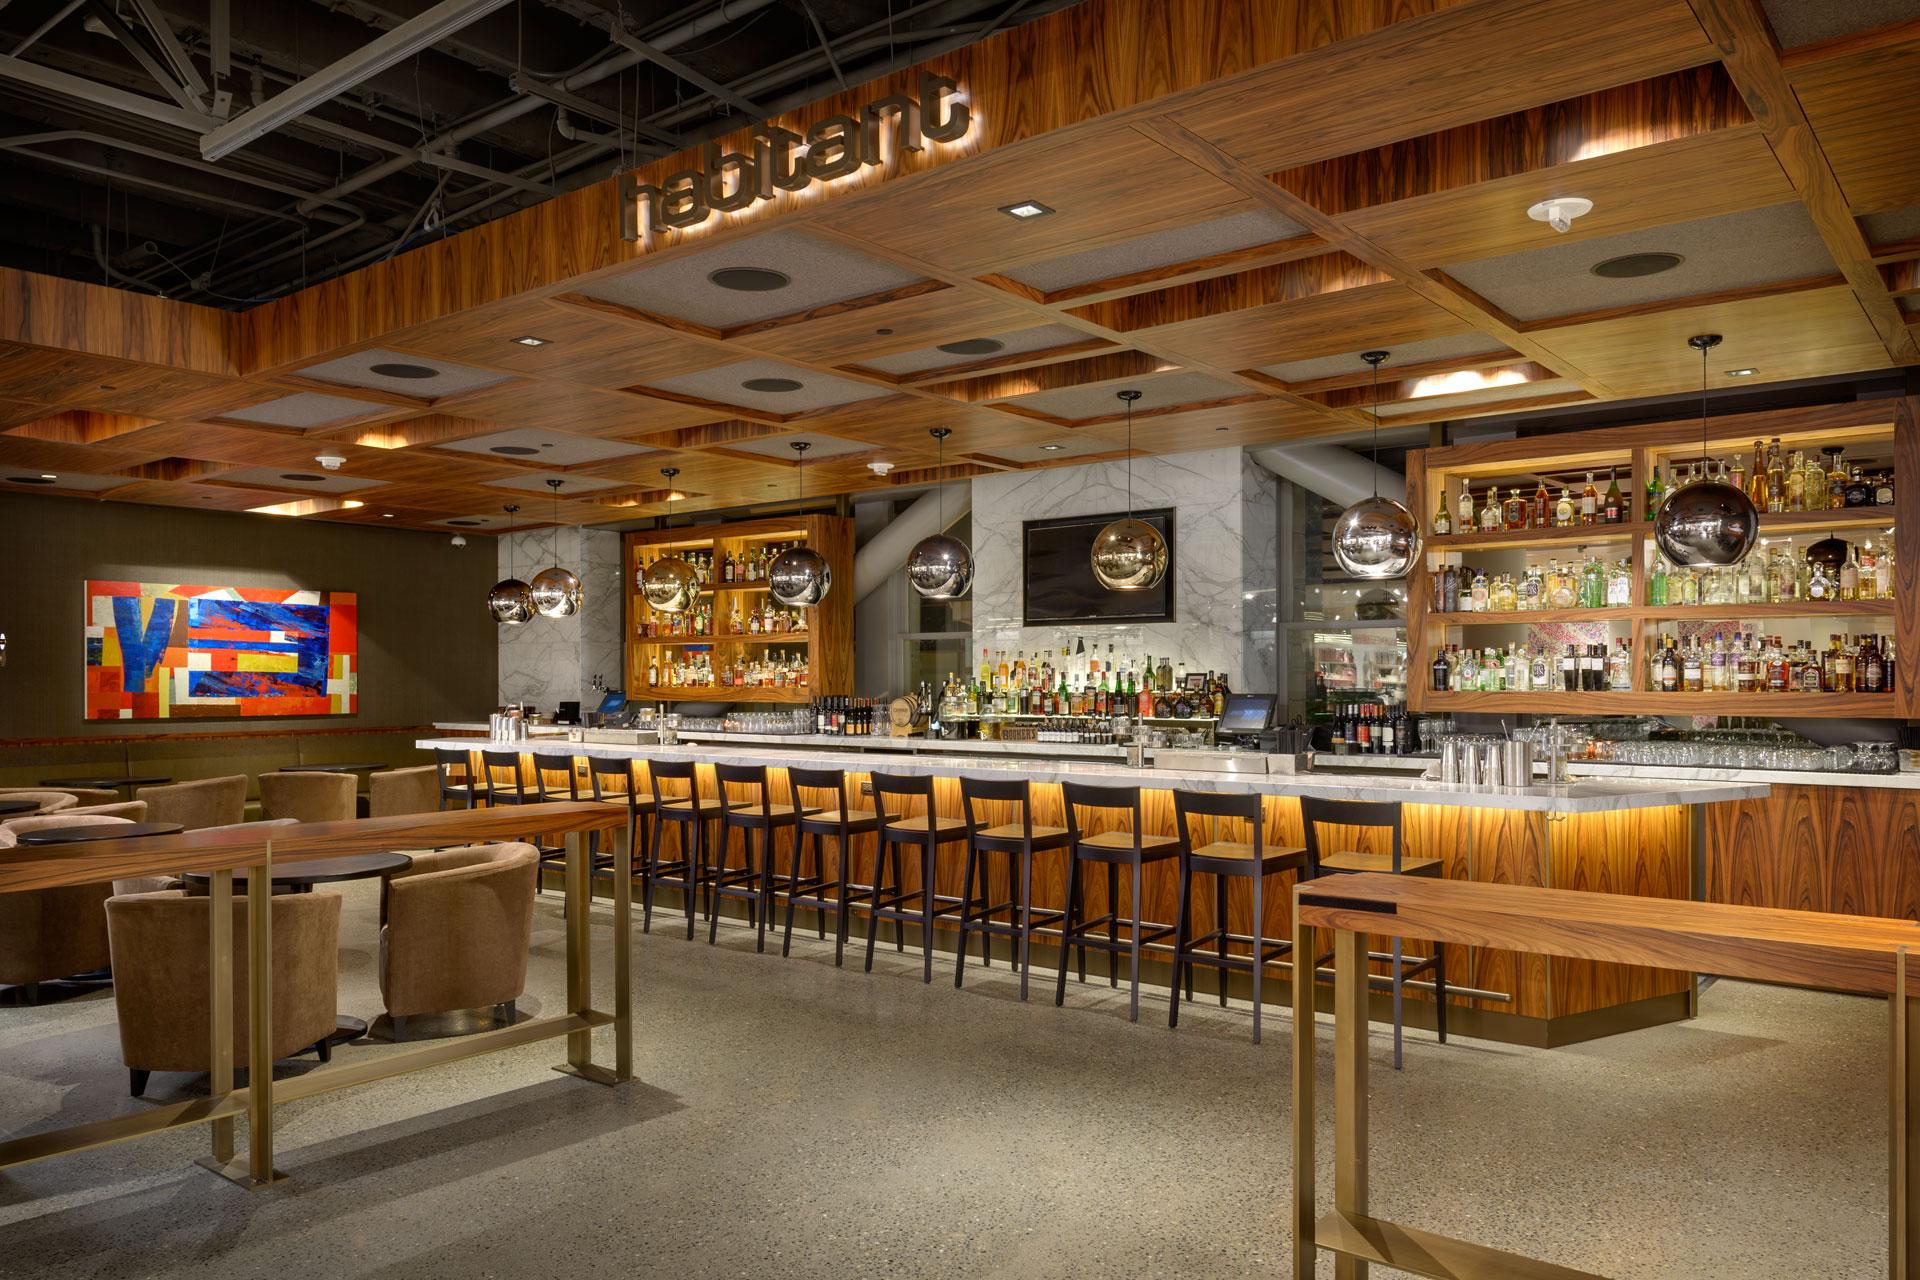 Cafe + Habitant at Nordstrom restaurant